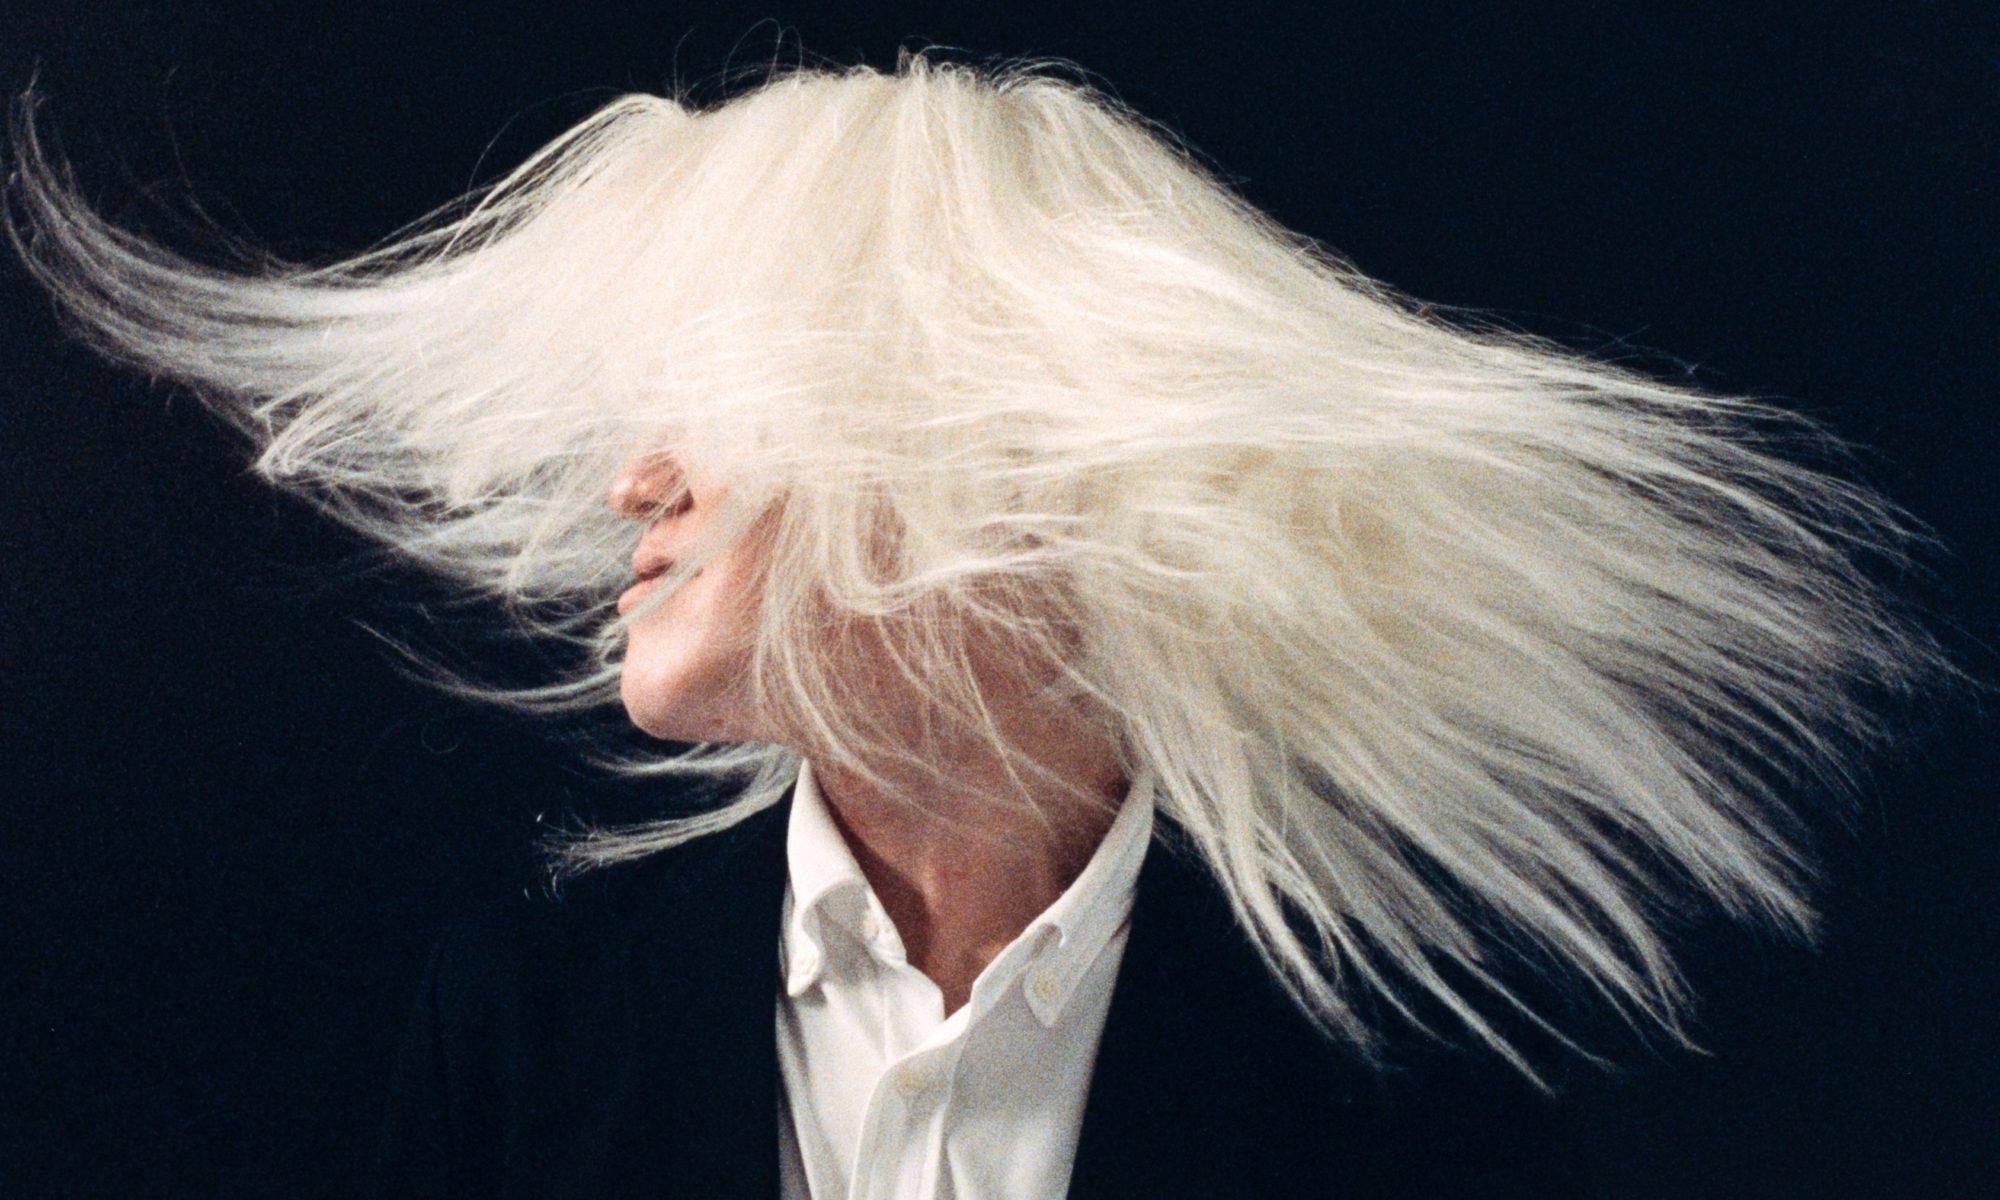 アルビノの白い長い髪